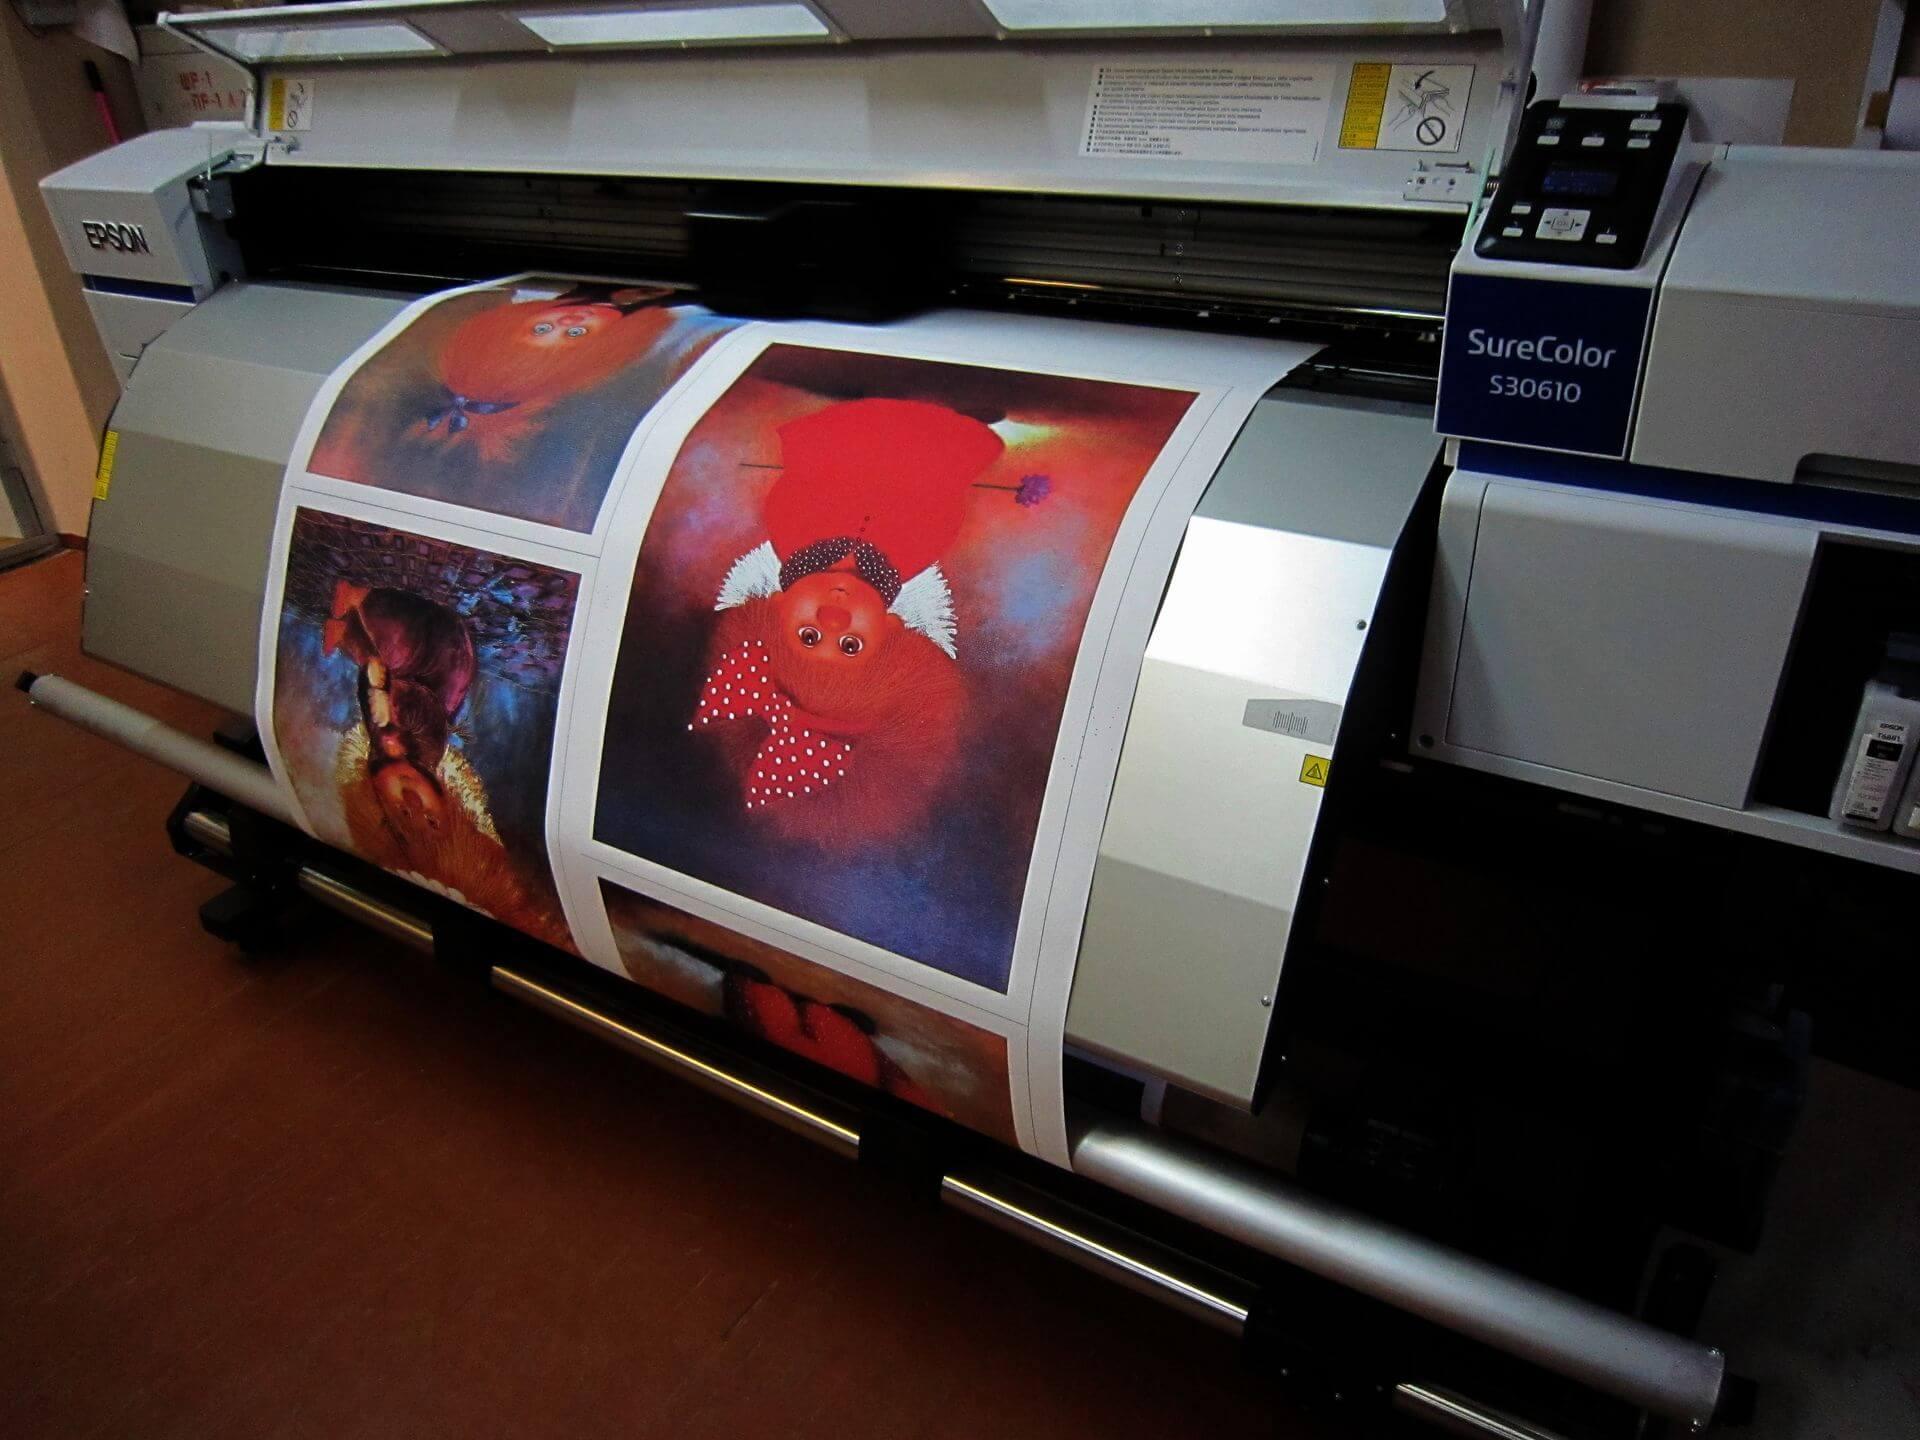 подобных фотографиях широкоформатная печать фото уфа марди аф?он